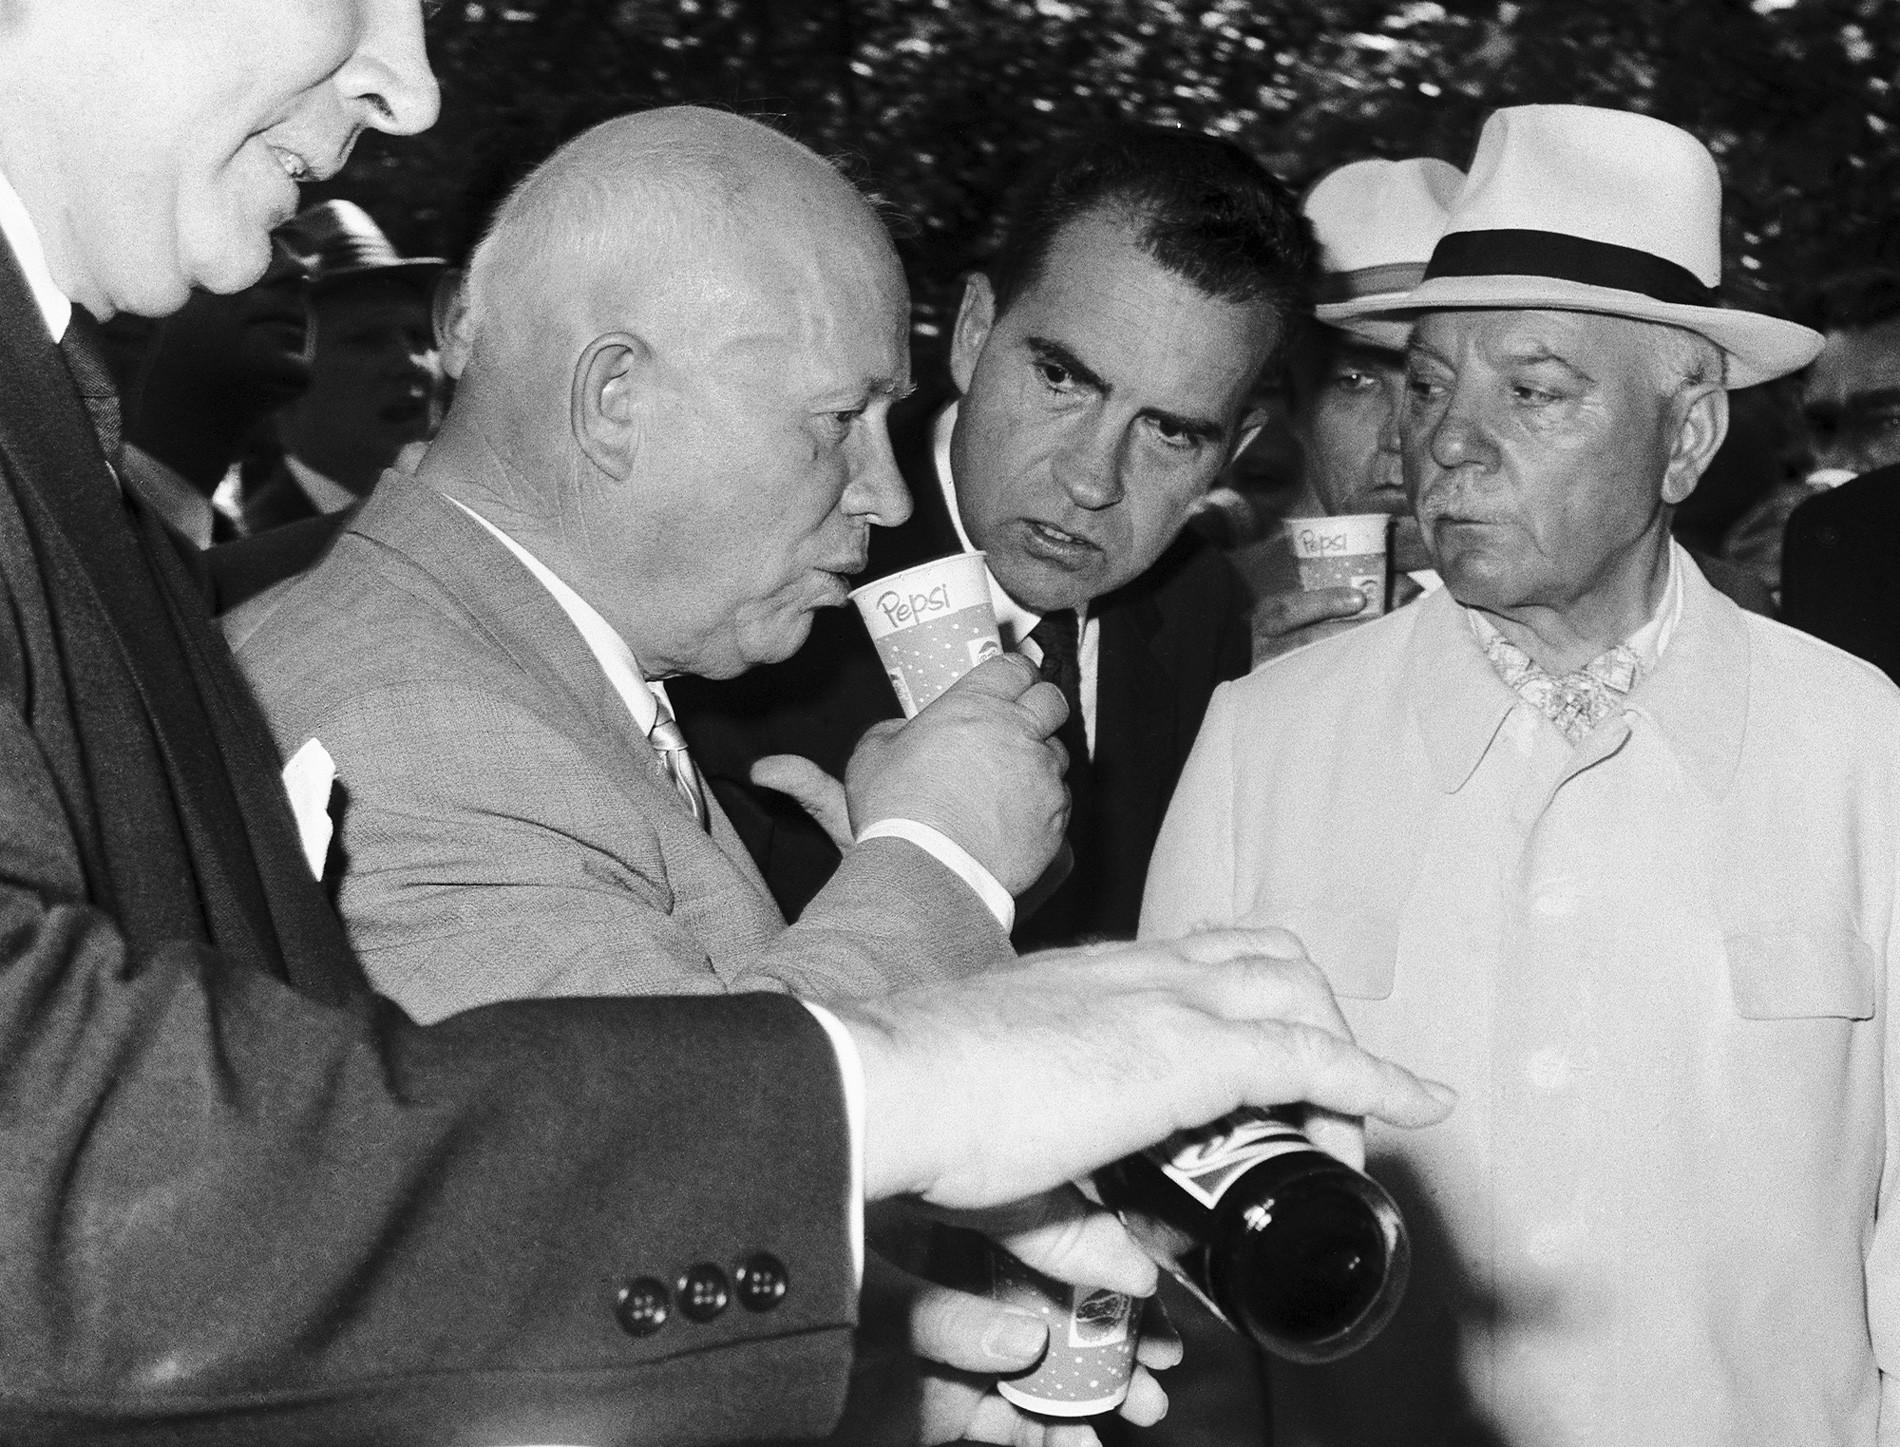 1959年7月24日。アメリカ博覧会でペプシを飲んでいるニキータ・フルシチョフ。